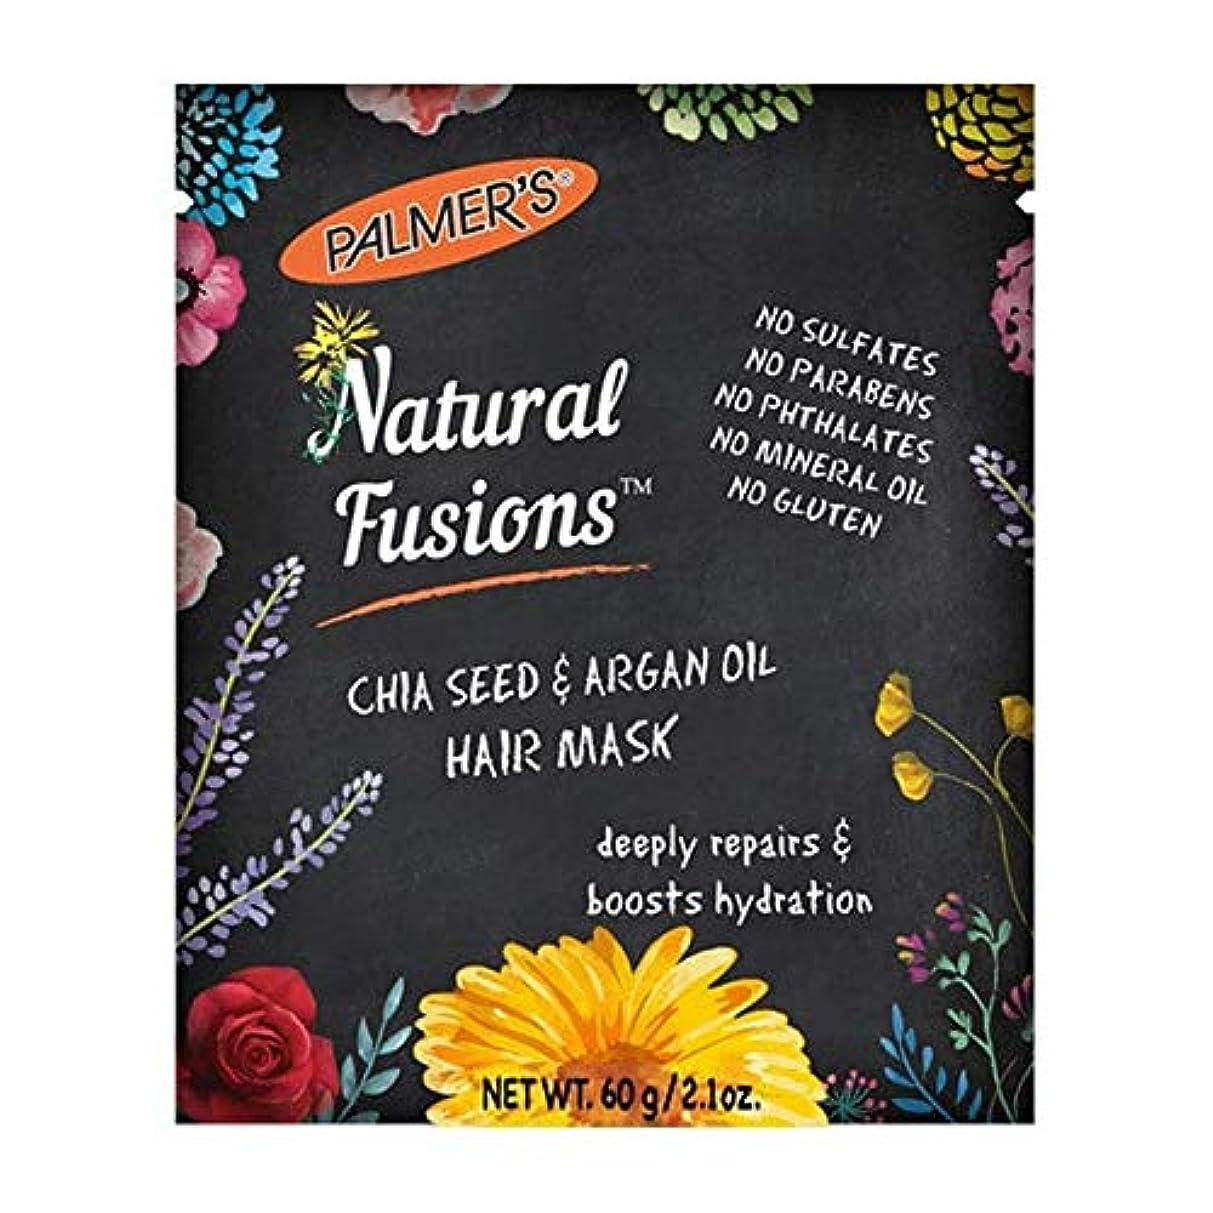 どういたしましてチケット消去[Palmer's ] パーマーの自然な融合チアシード&アルガンオイルヘアマスク60グラム - Palmer's Natural Fusions Chia Seed & Argan Oil Hair Mask 60g [...